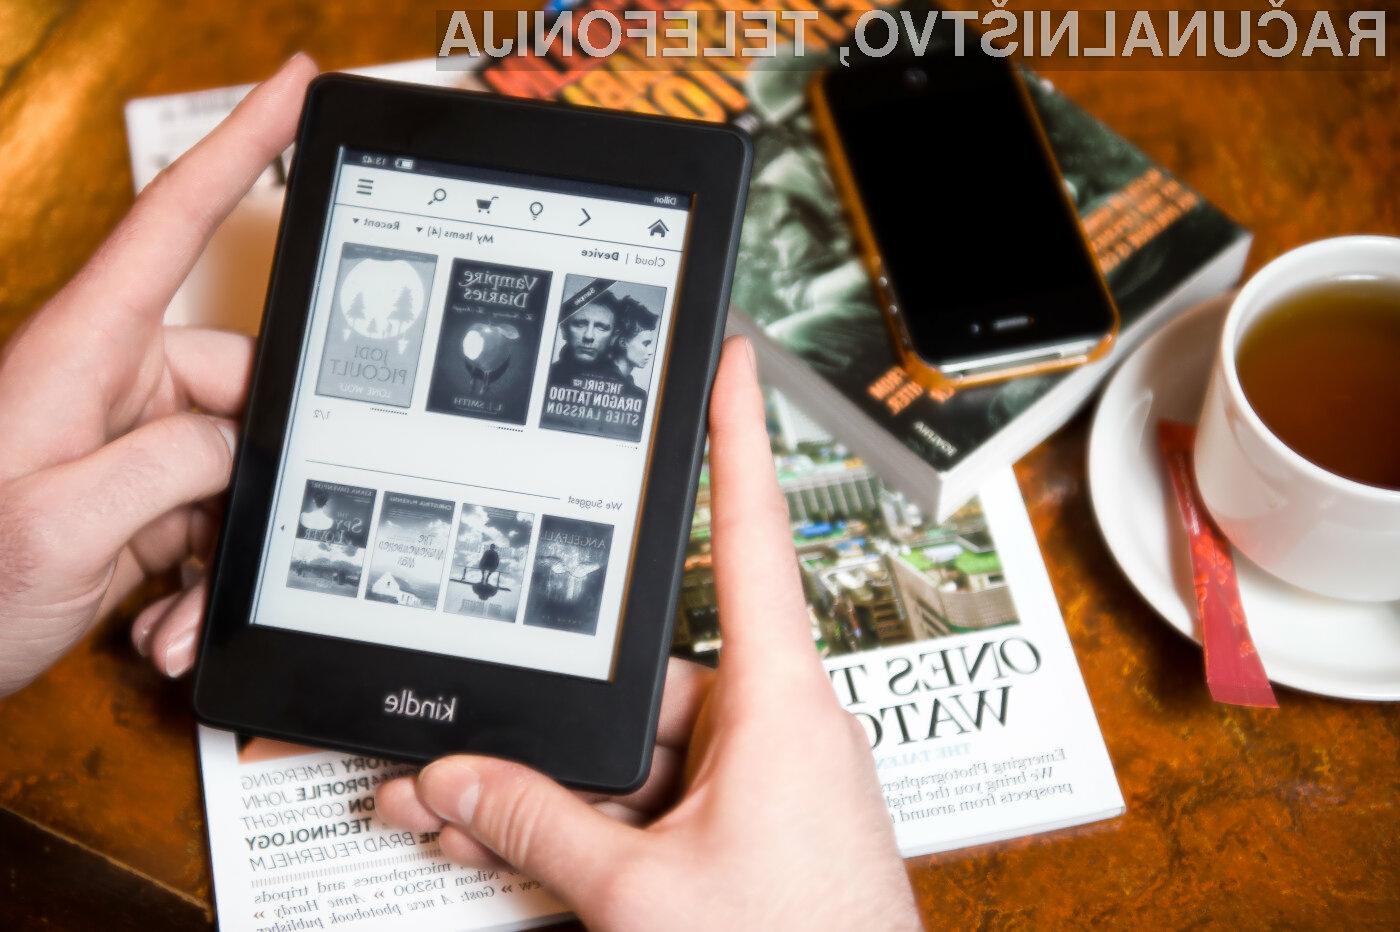 Čas za posodobitev bralnika Amazon Kindle se počasi izteka!